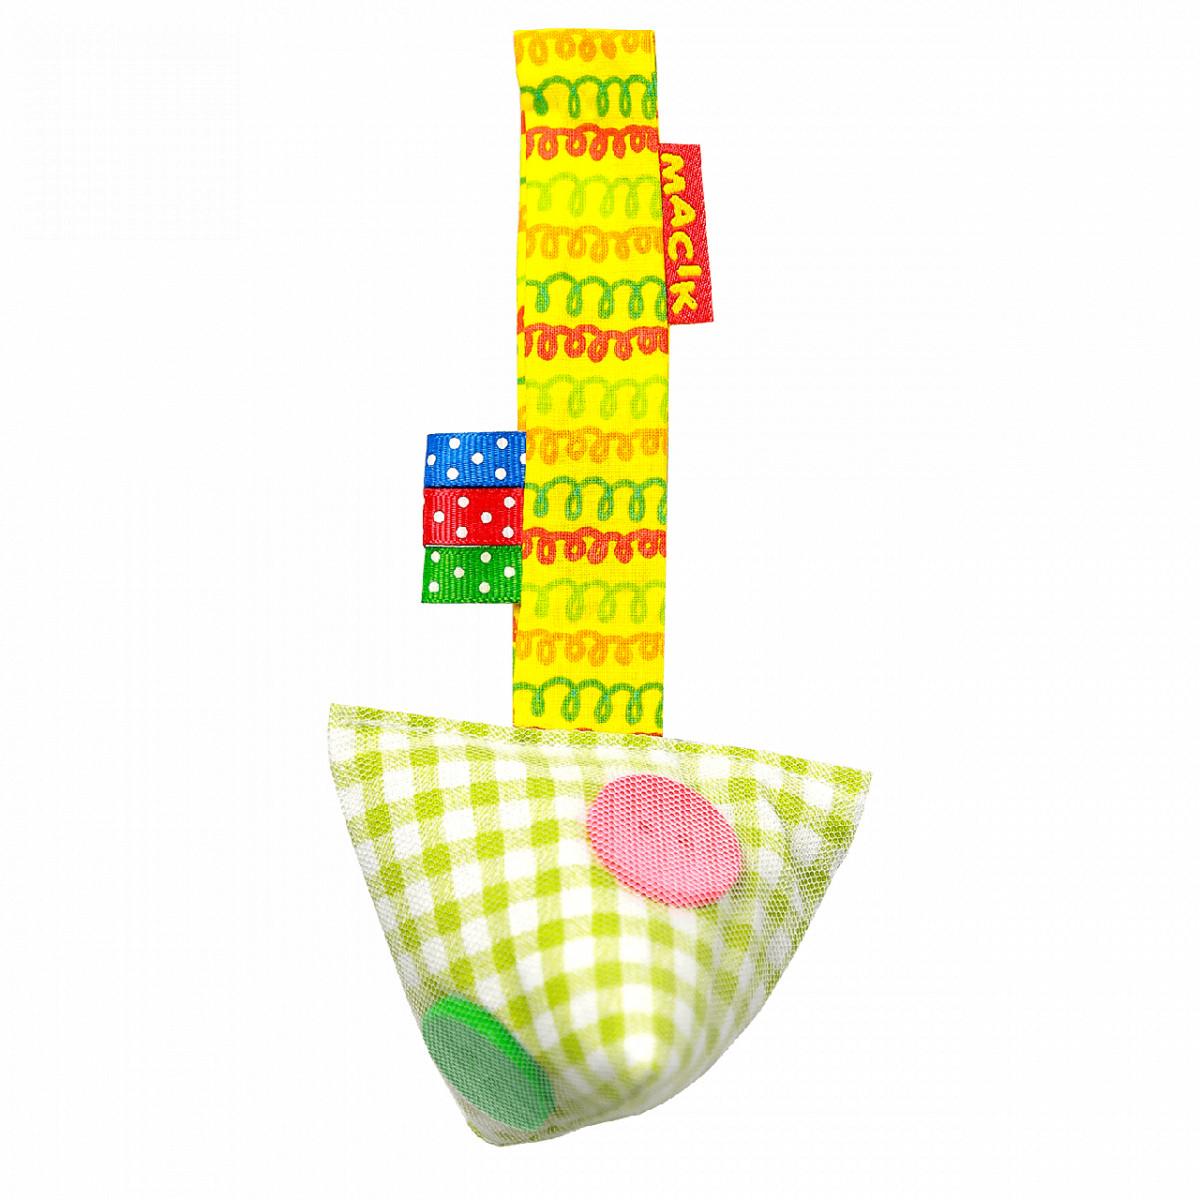 Іграшка підвіска на липучці для коляски ліжечка Гудзики, Macik (МС 110603-03)